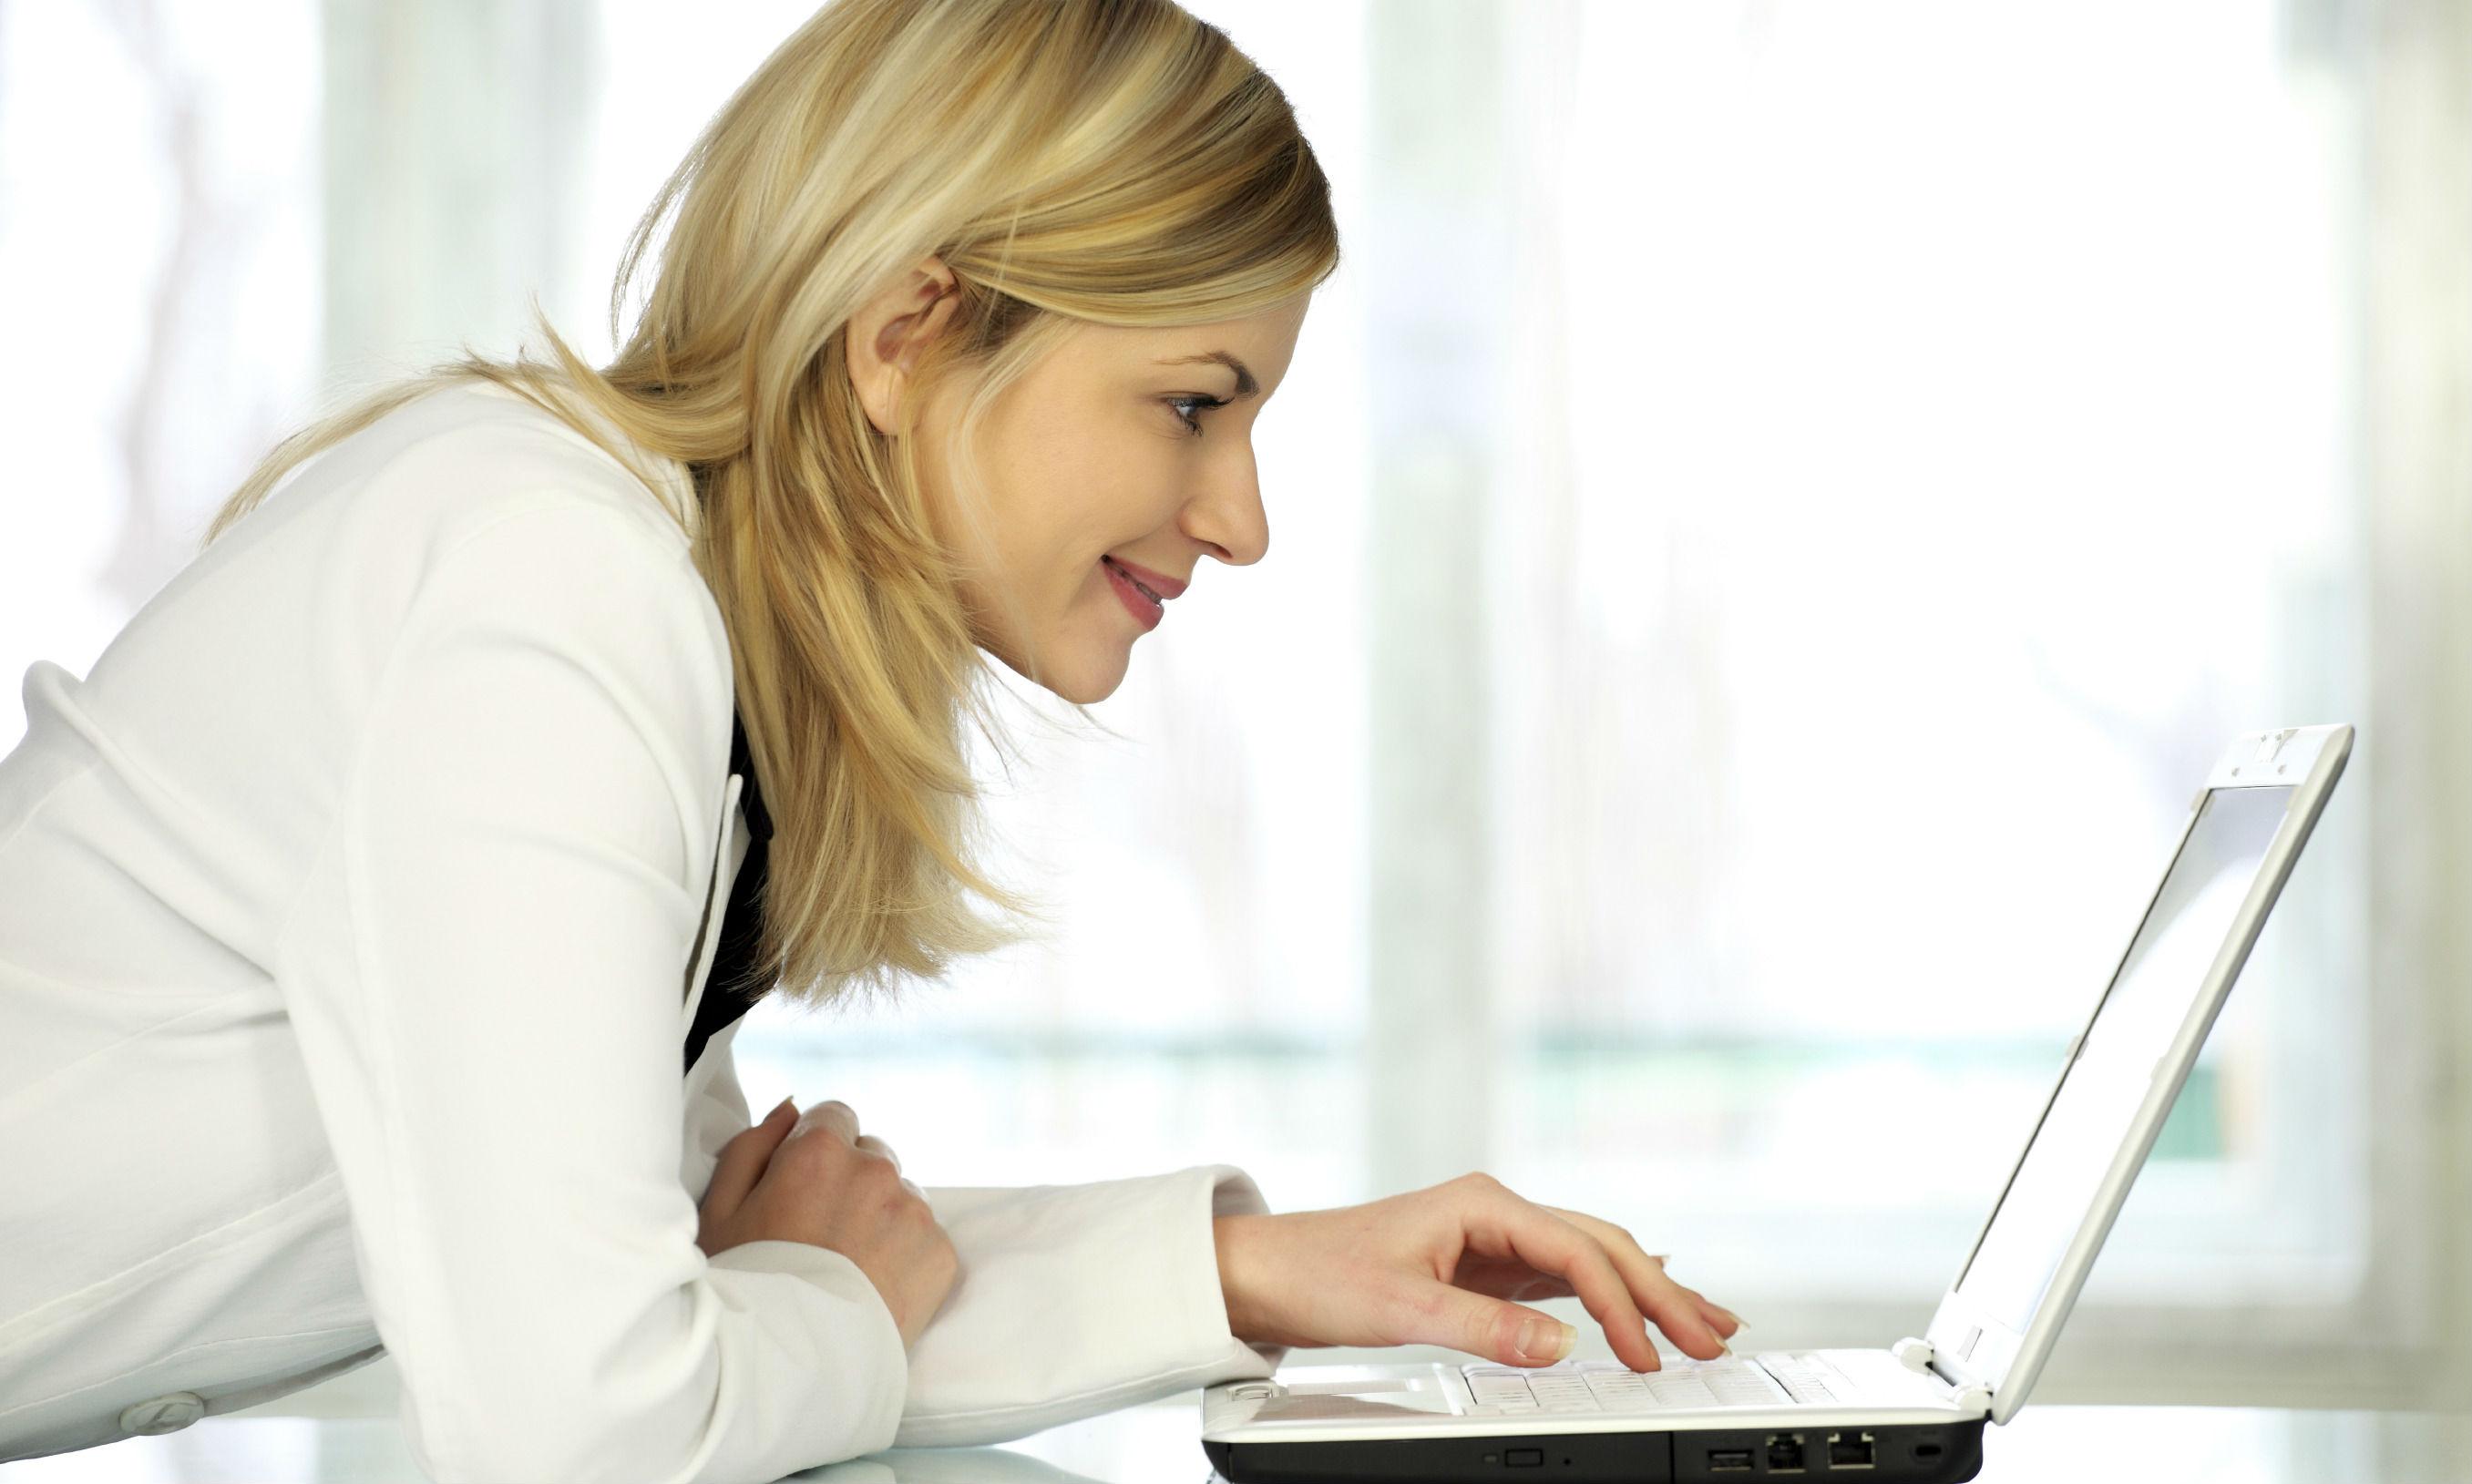 Веб-модель общается с клиентом